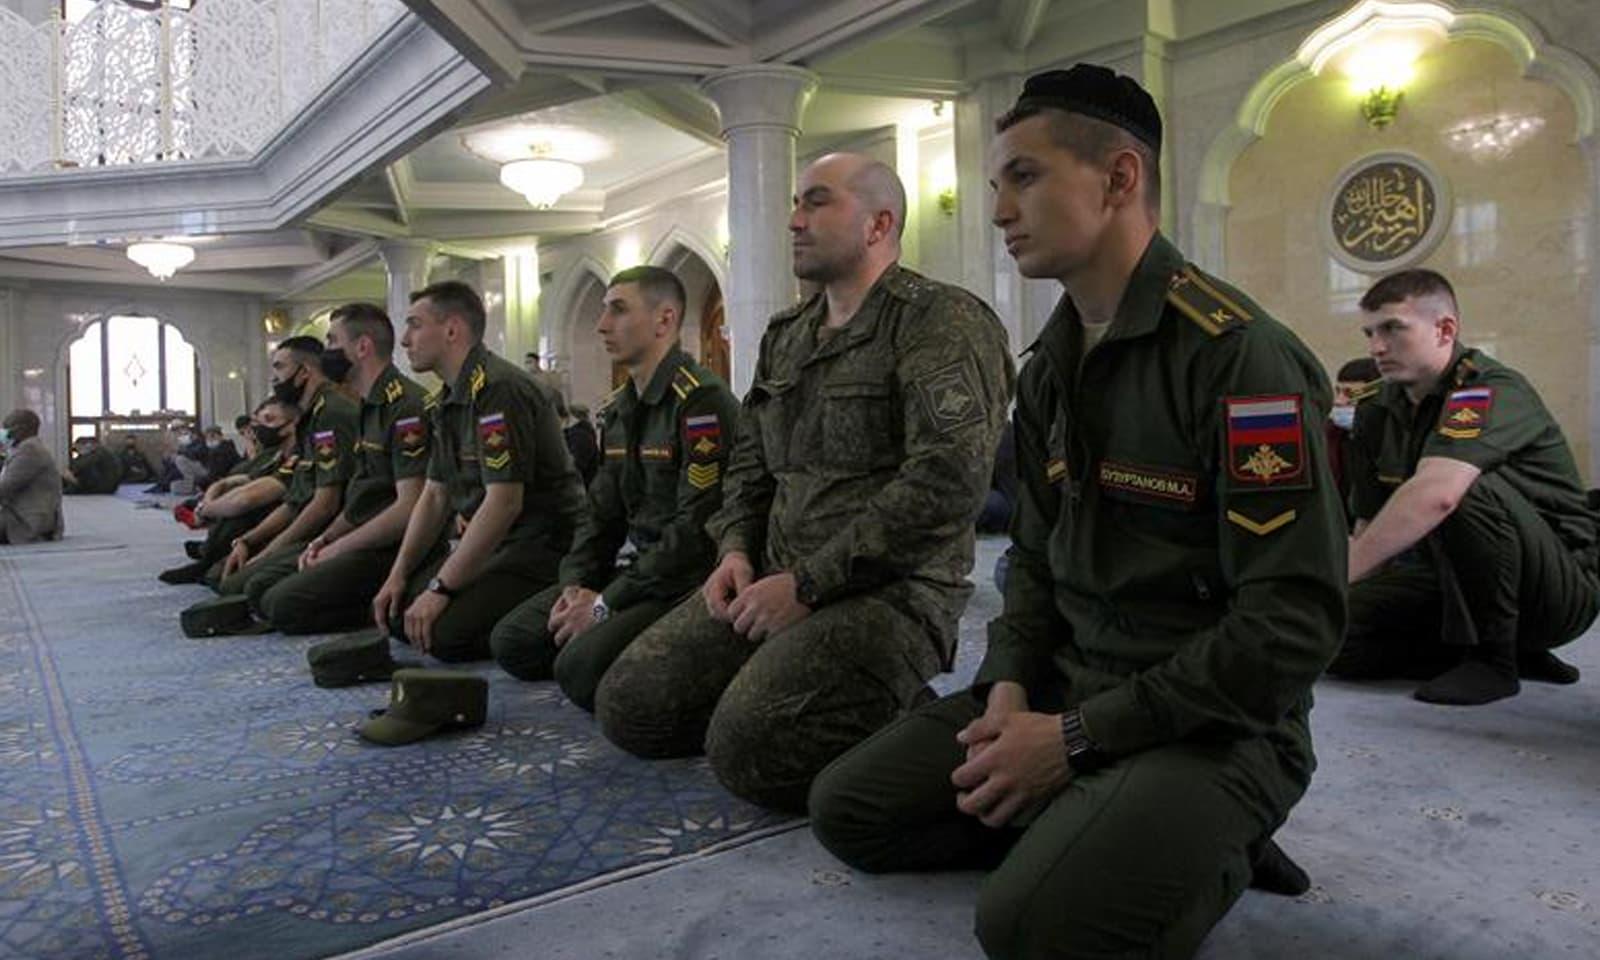 روسی شہر کازان میں روسی سروس اہلکار اور کیڈٹس عیدالفطر کی نماز میں شریک ہیں—فوٹو: رائٹرز